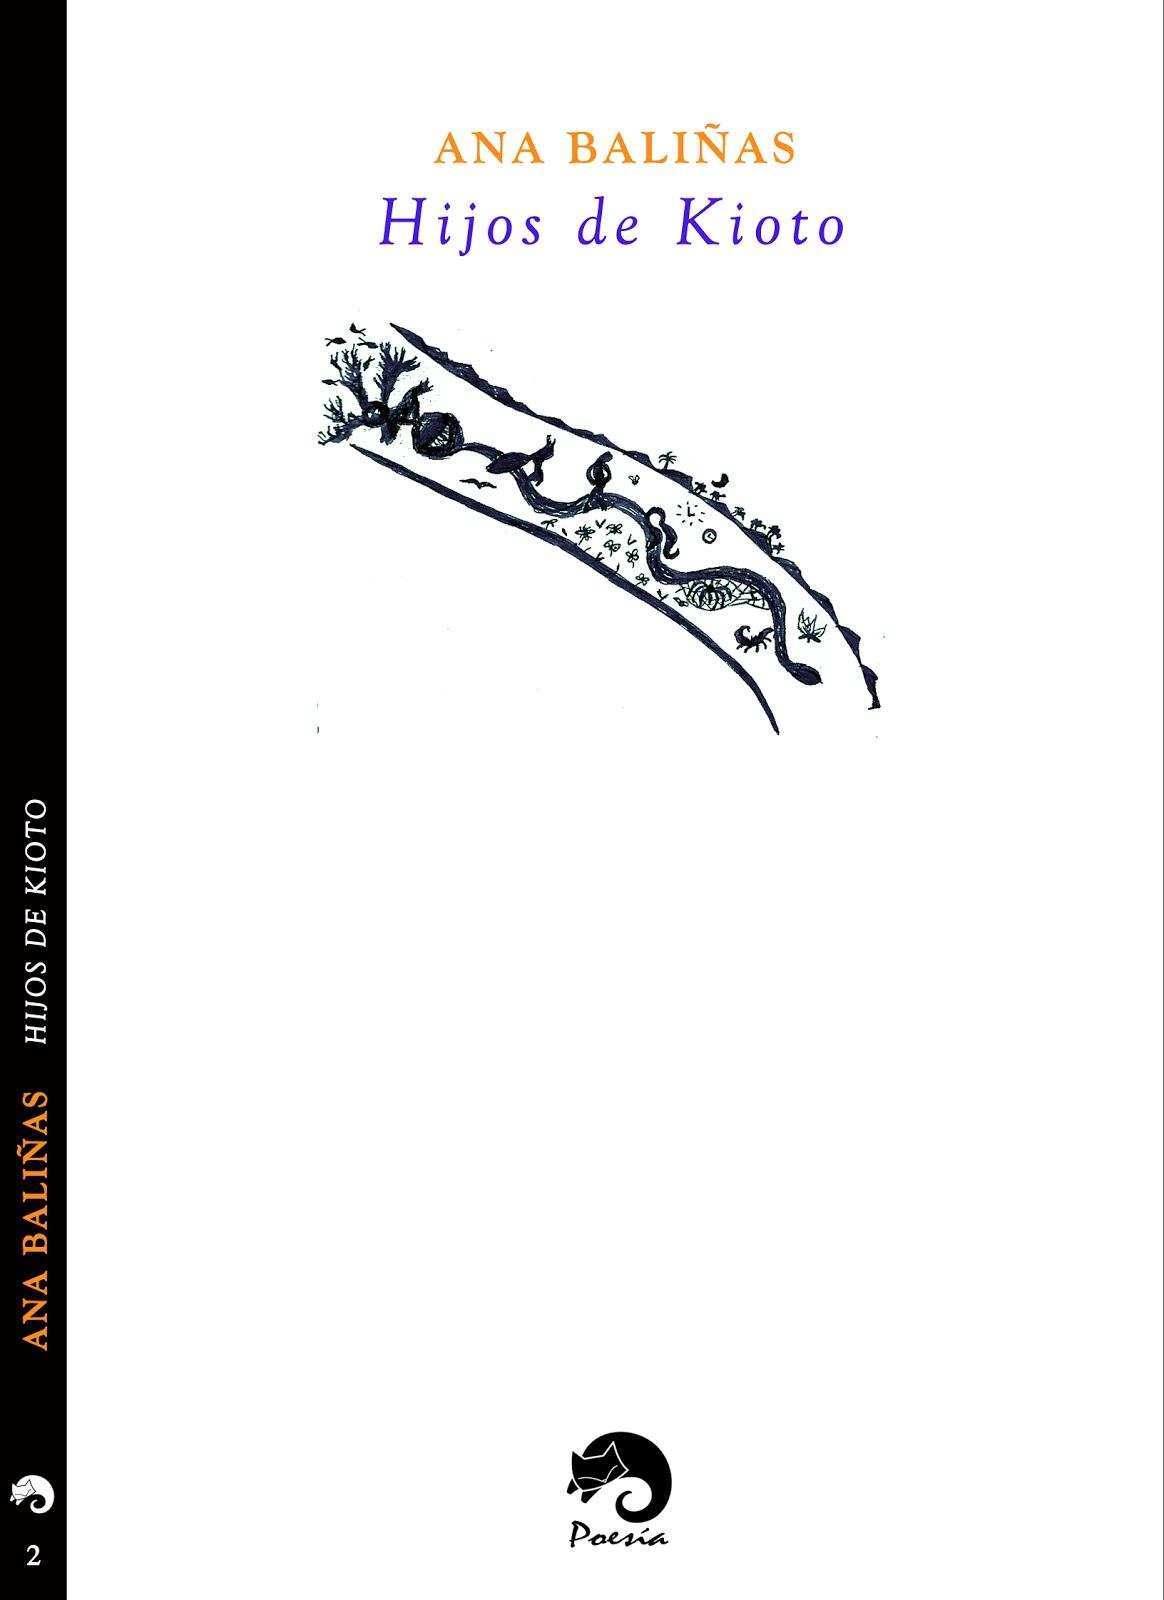 HIJOS DE KIOTO